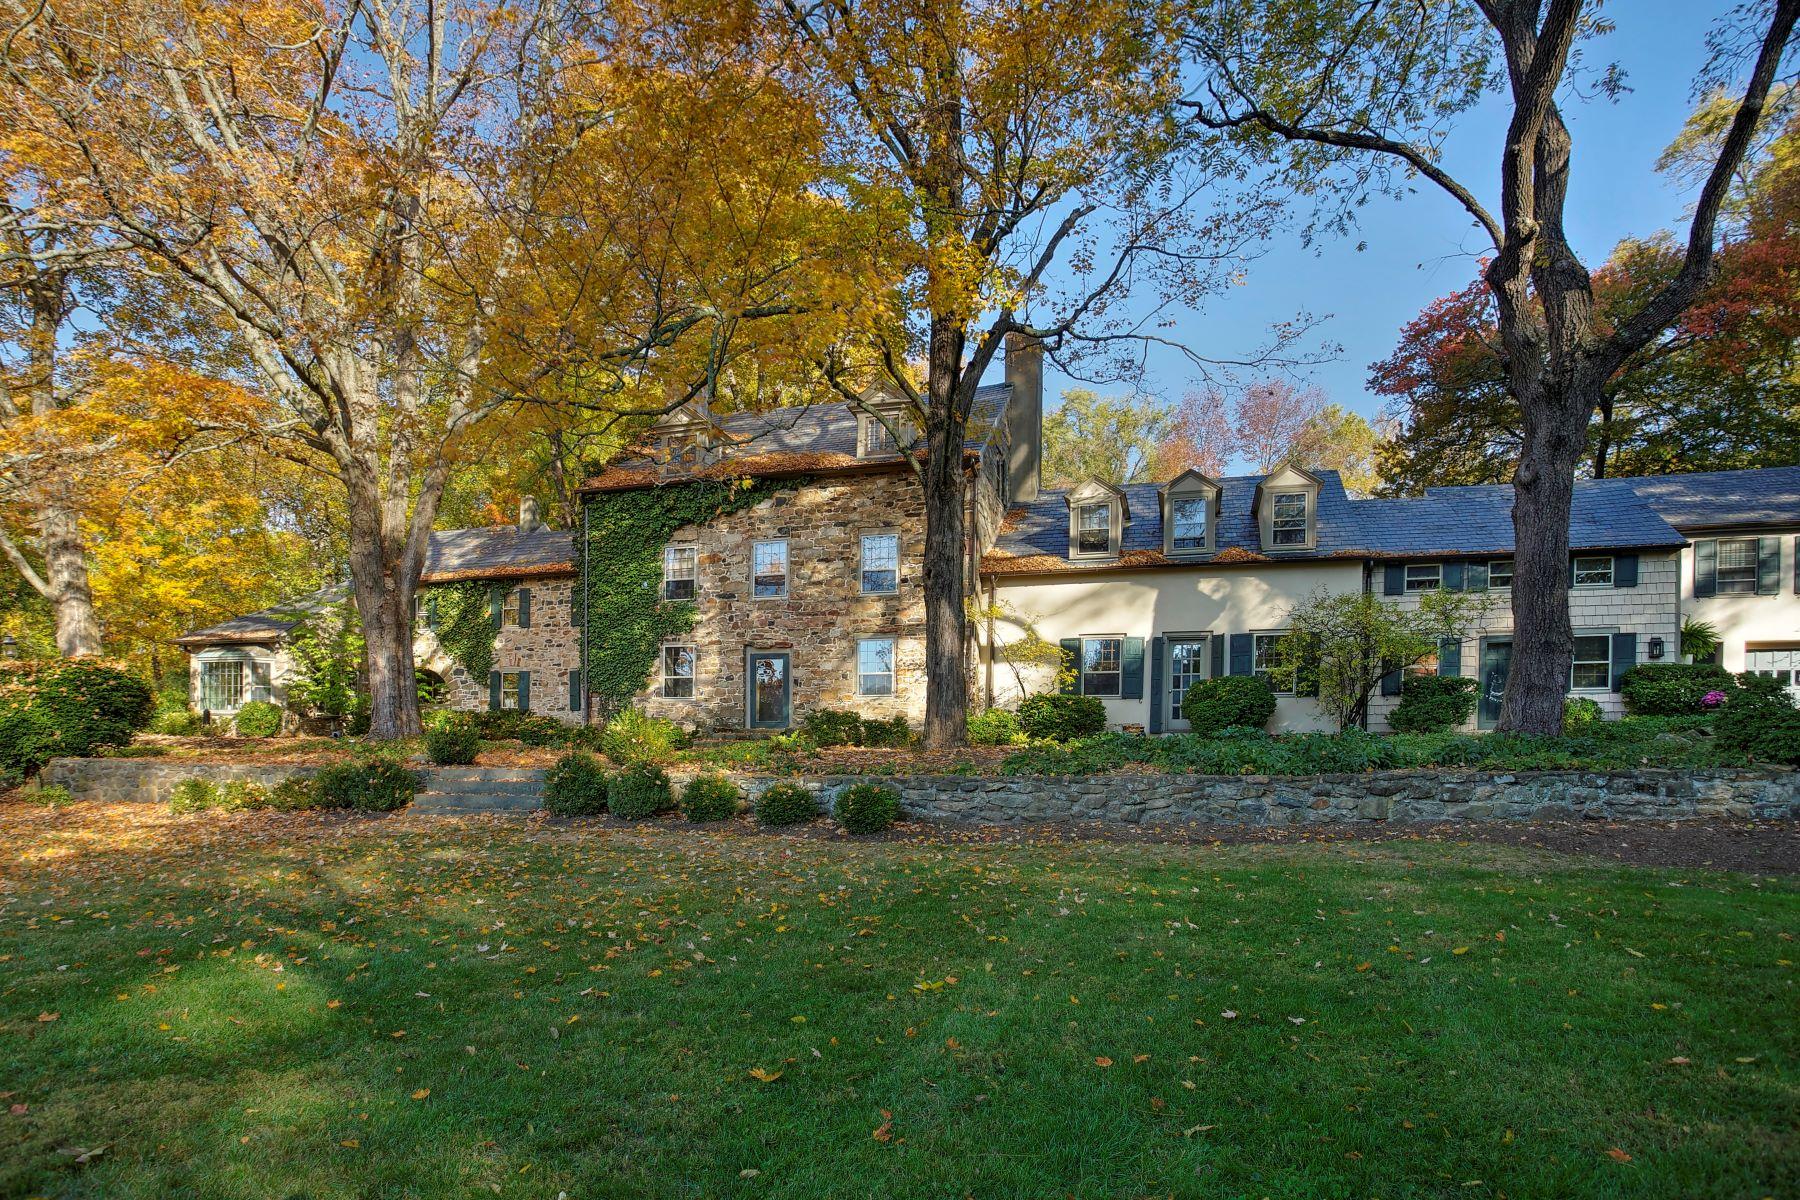 Maison unifamiliale pour l Vente à Share the Heritage 6 Stone House Road Mendham Township, New Jersey, 07945 États-Unis